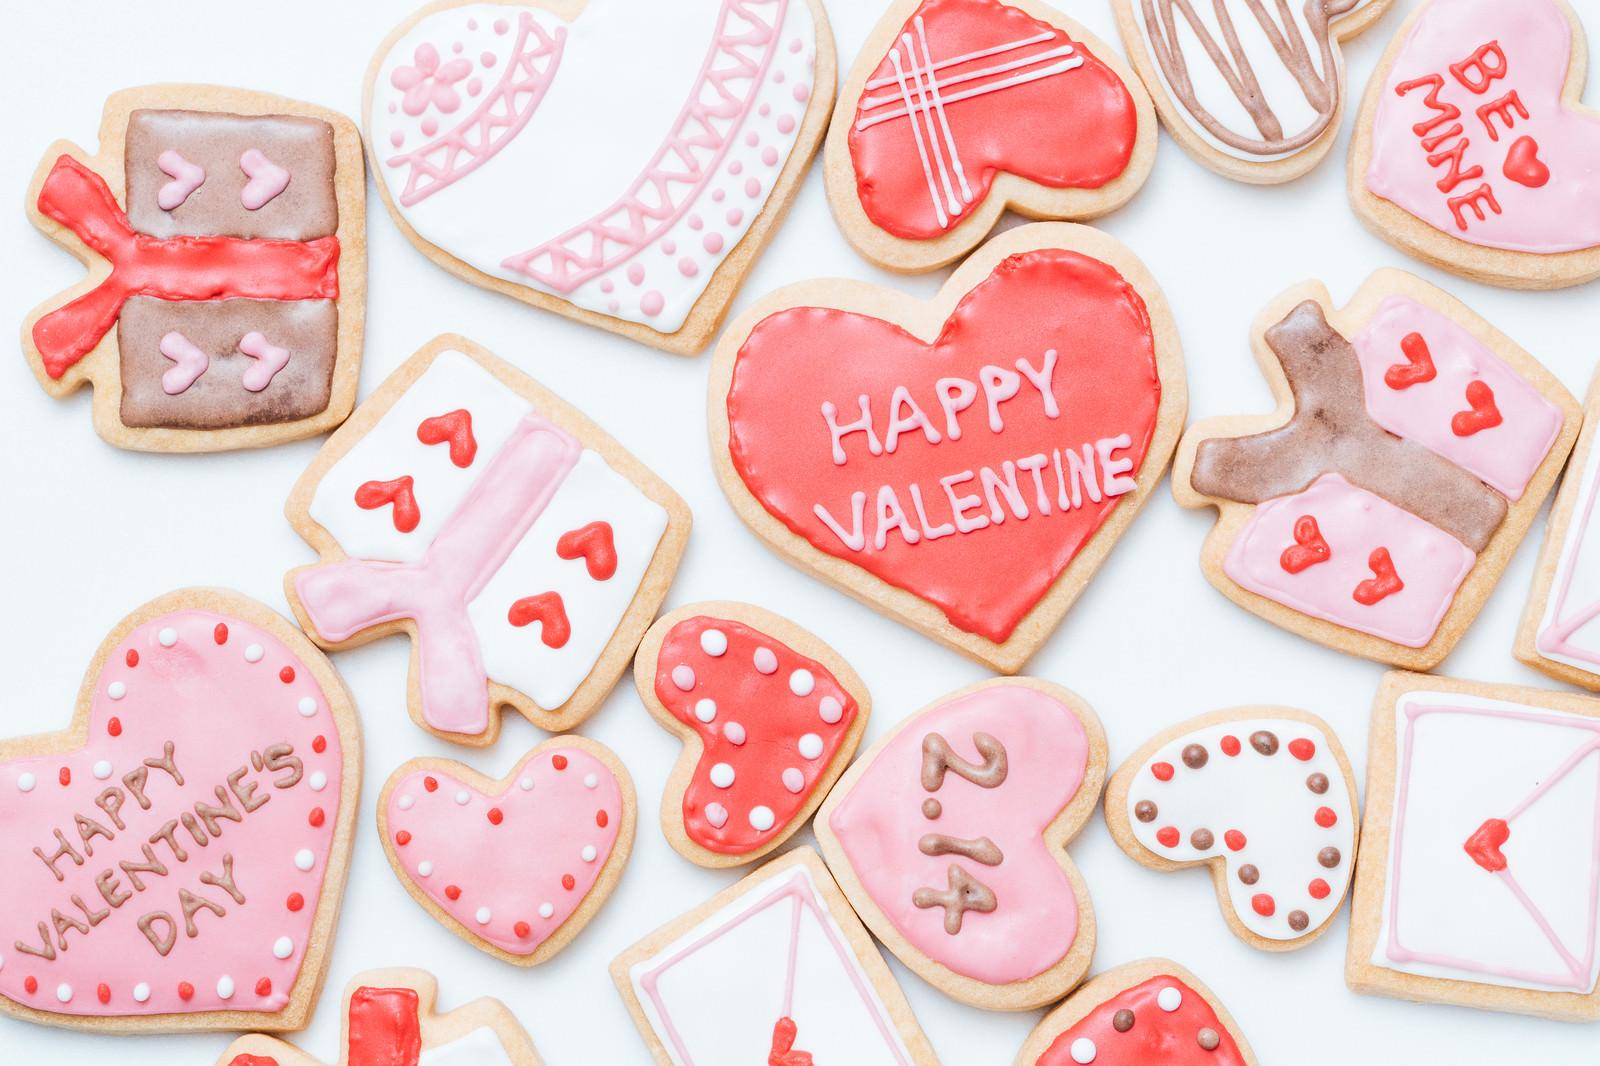 「ハートいっぱいのバレンタインクッキーハートいっぱいのバレンタインクッキー」のフリー写真素材を拡大